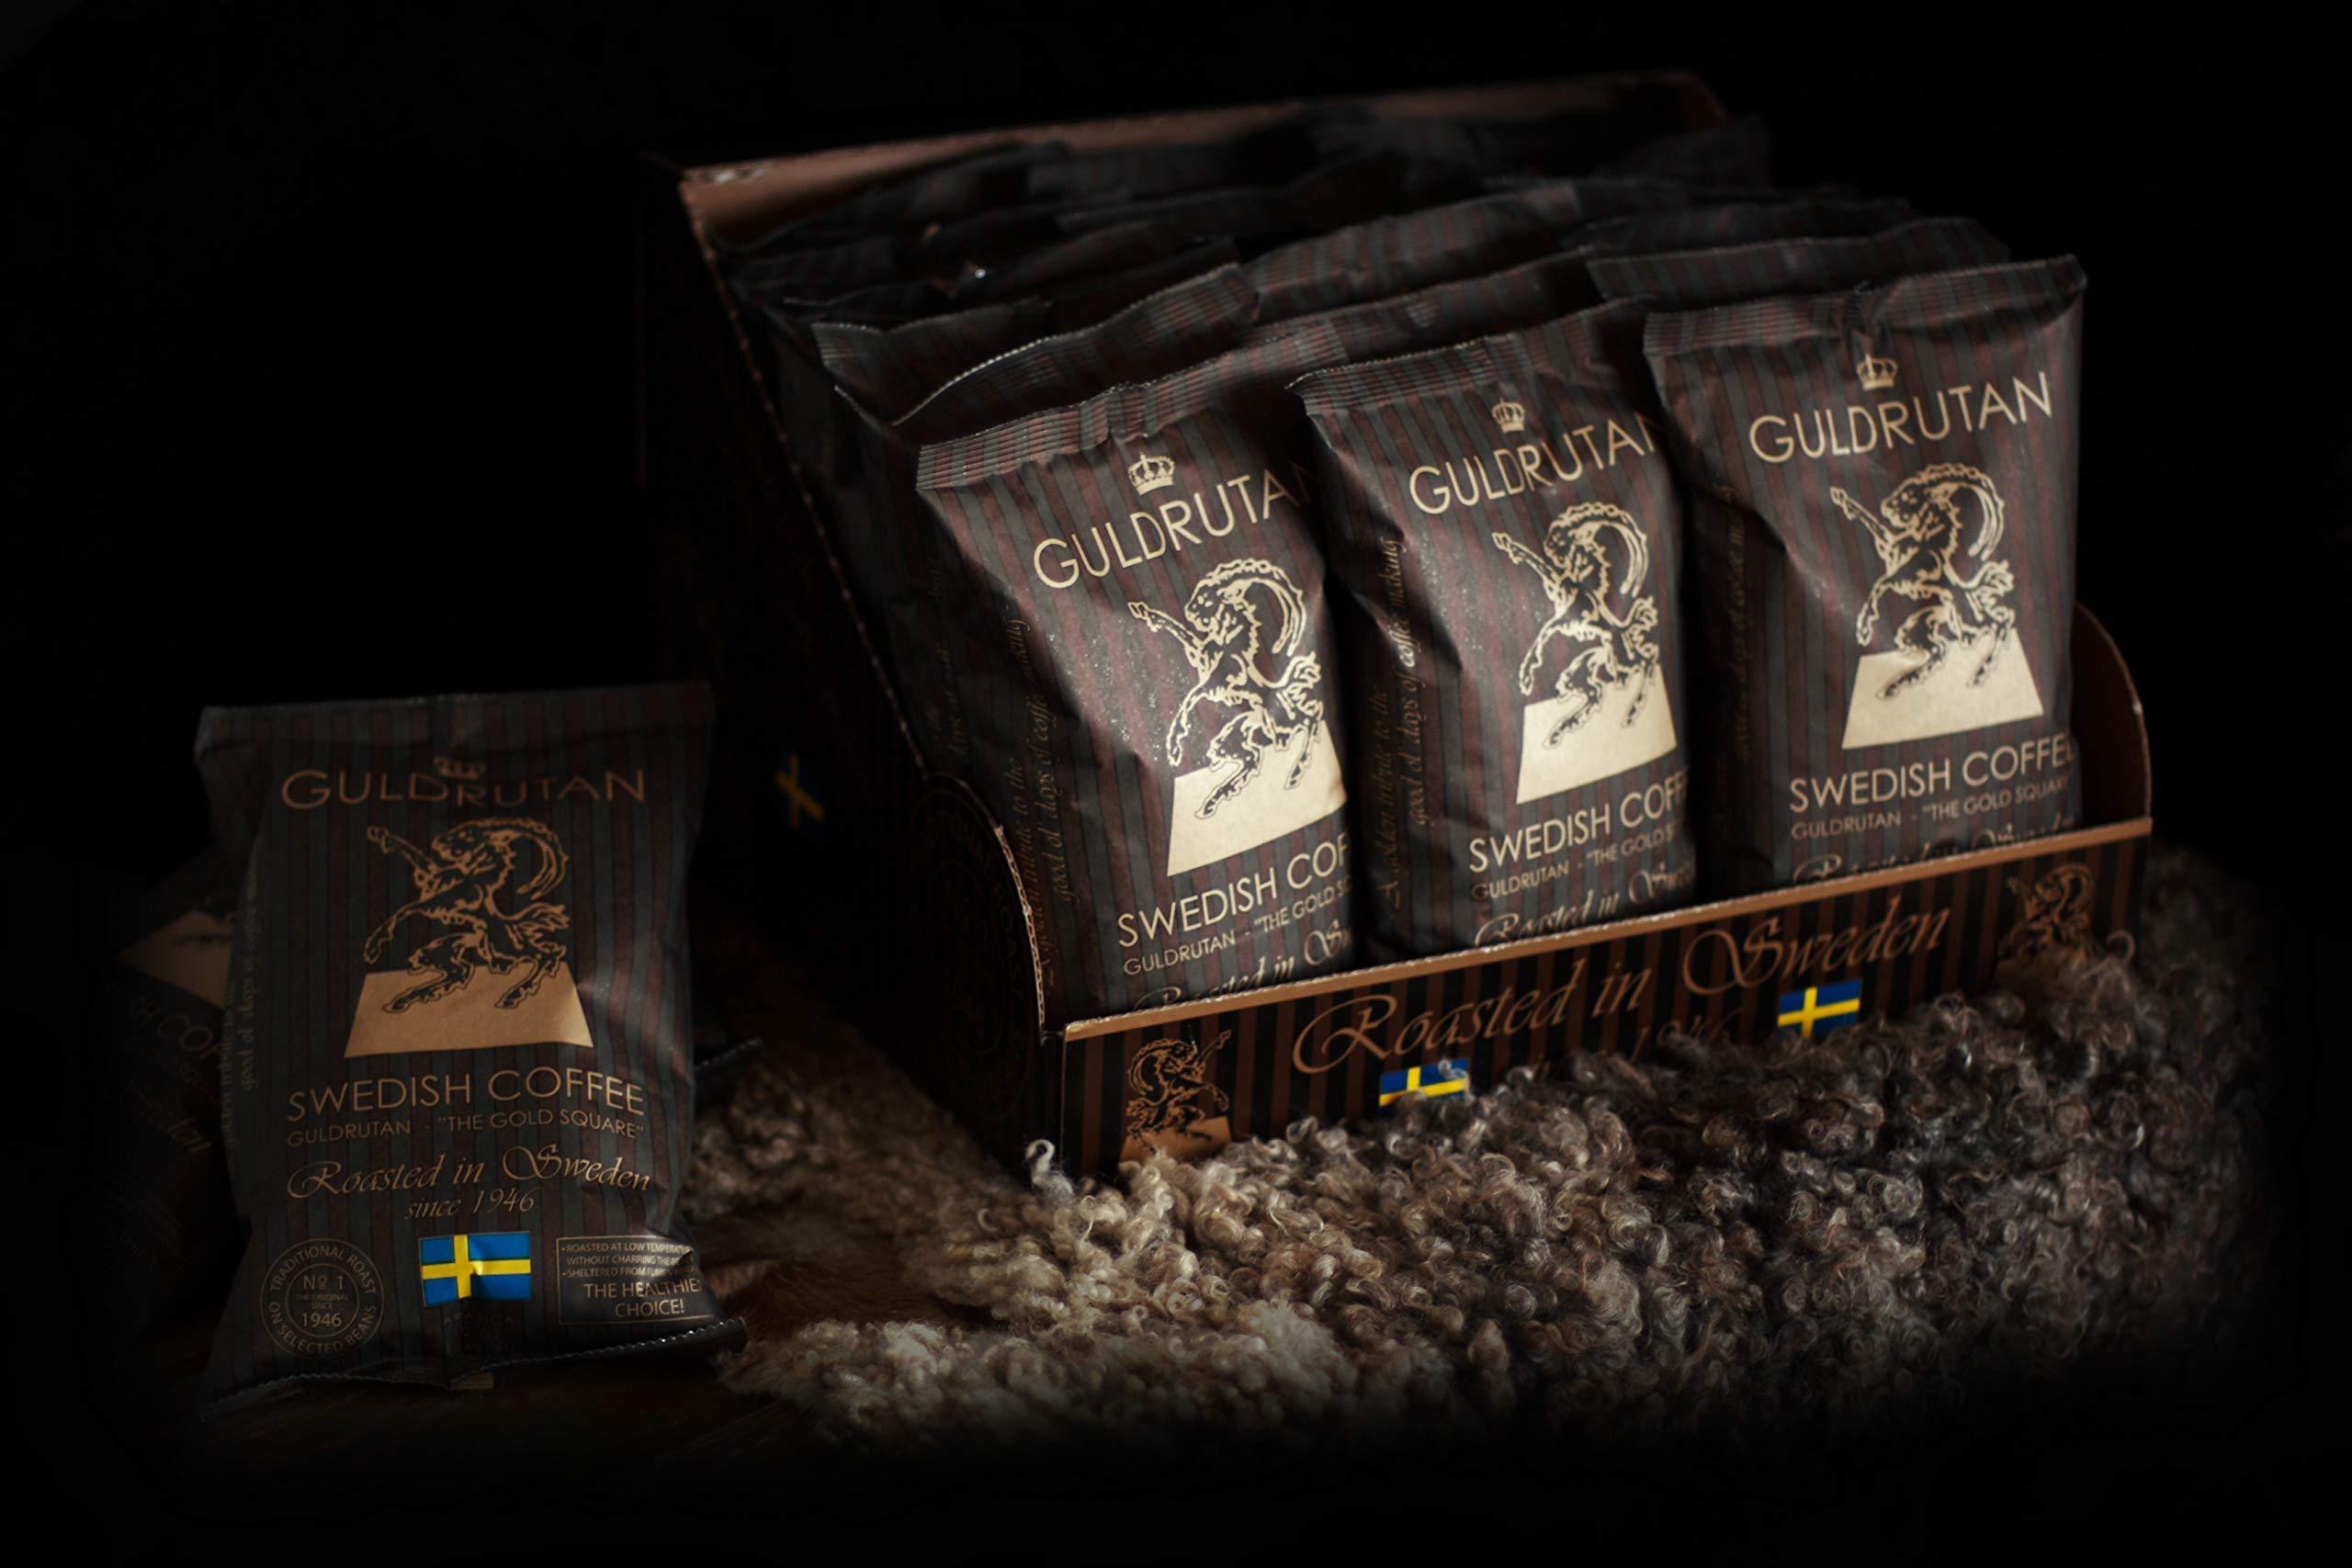 GULDRUTAN Medium Roast Ground Arabica Coffee